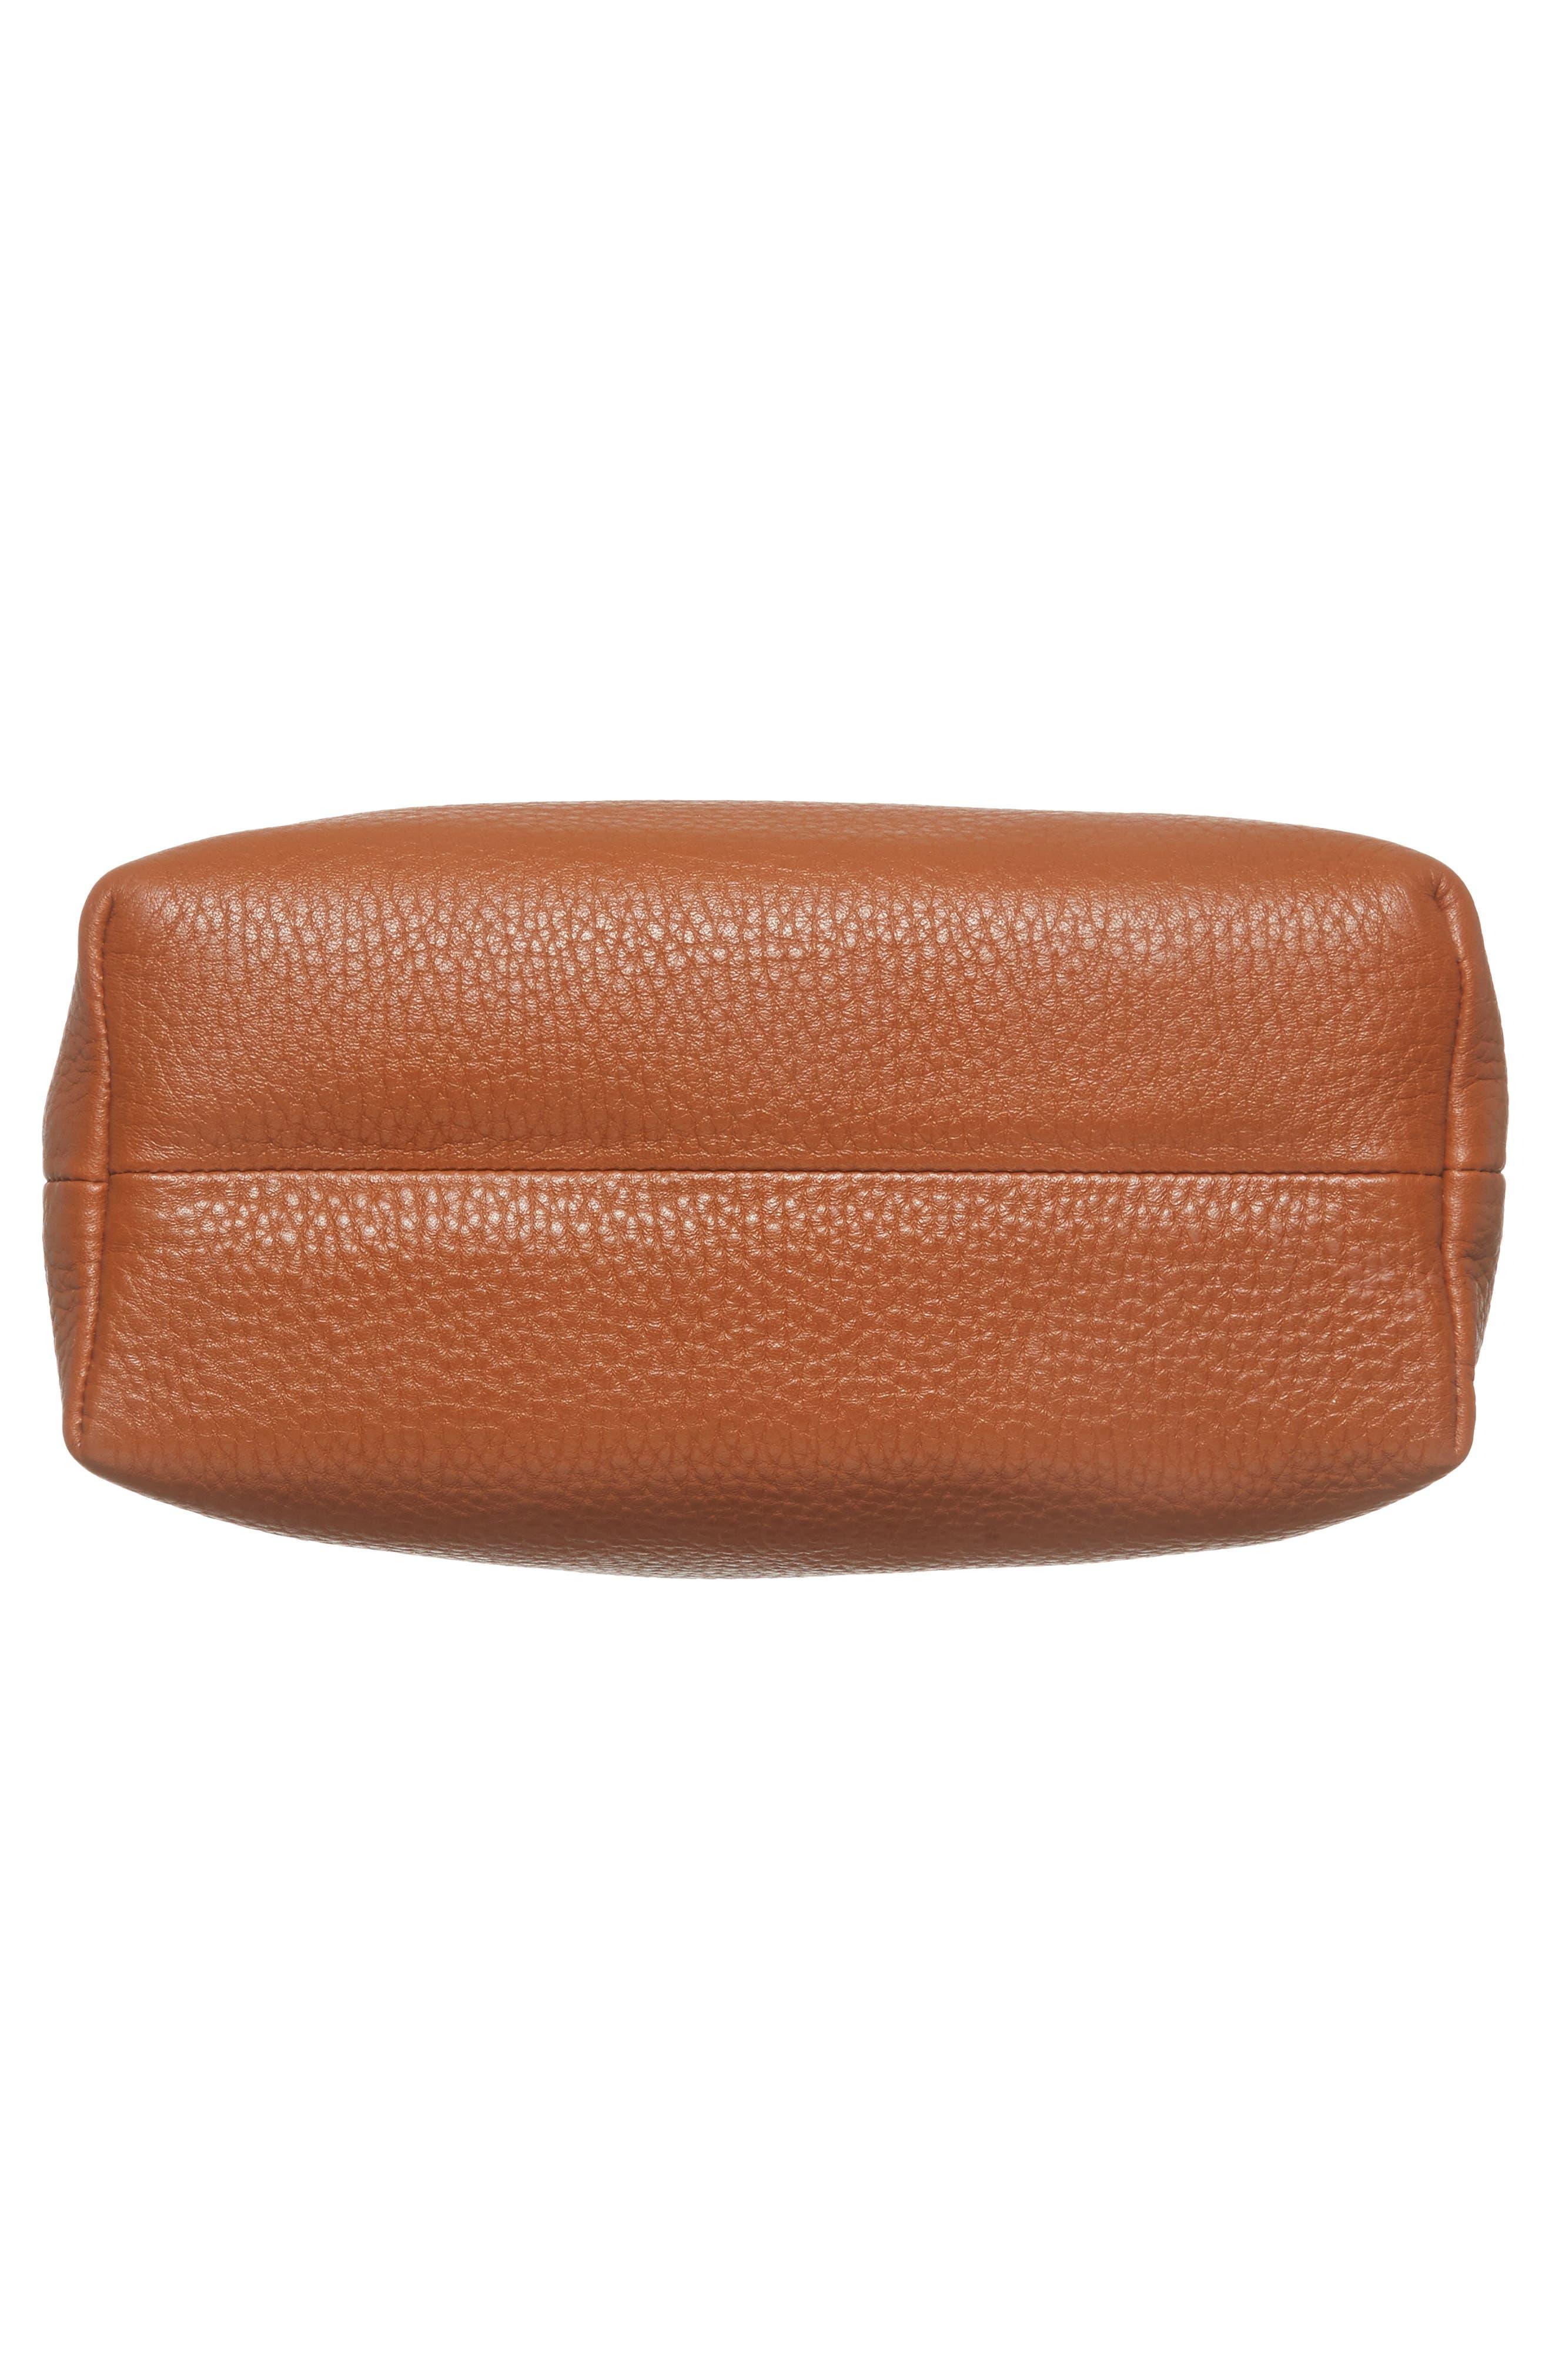 Mini Pebbled Leather Drawstring Crossbody Bag,                             Alternate thumbnail 16, color,